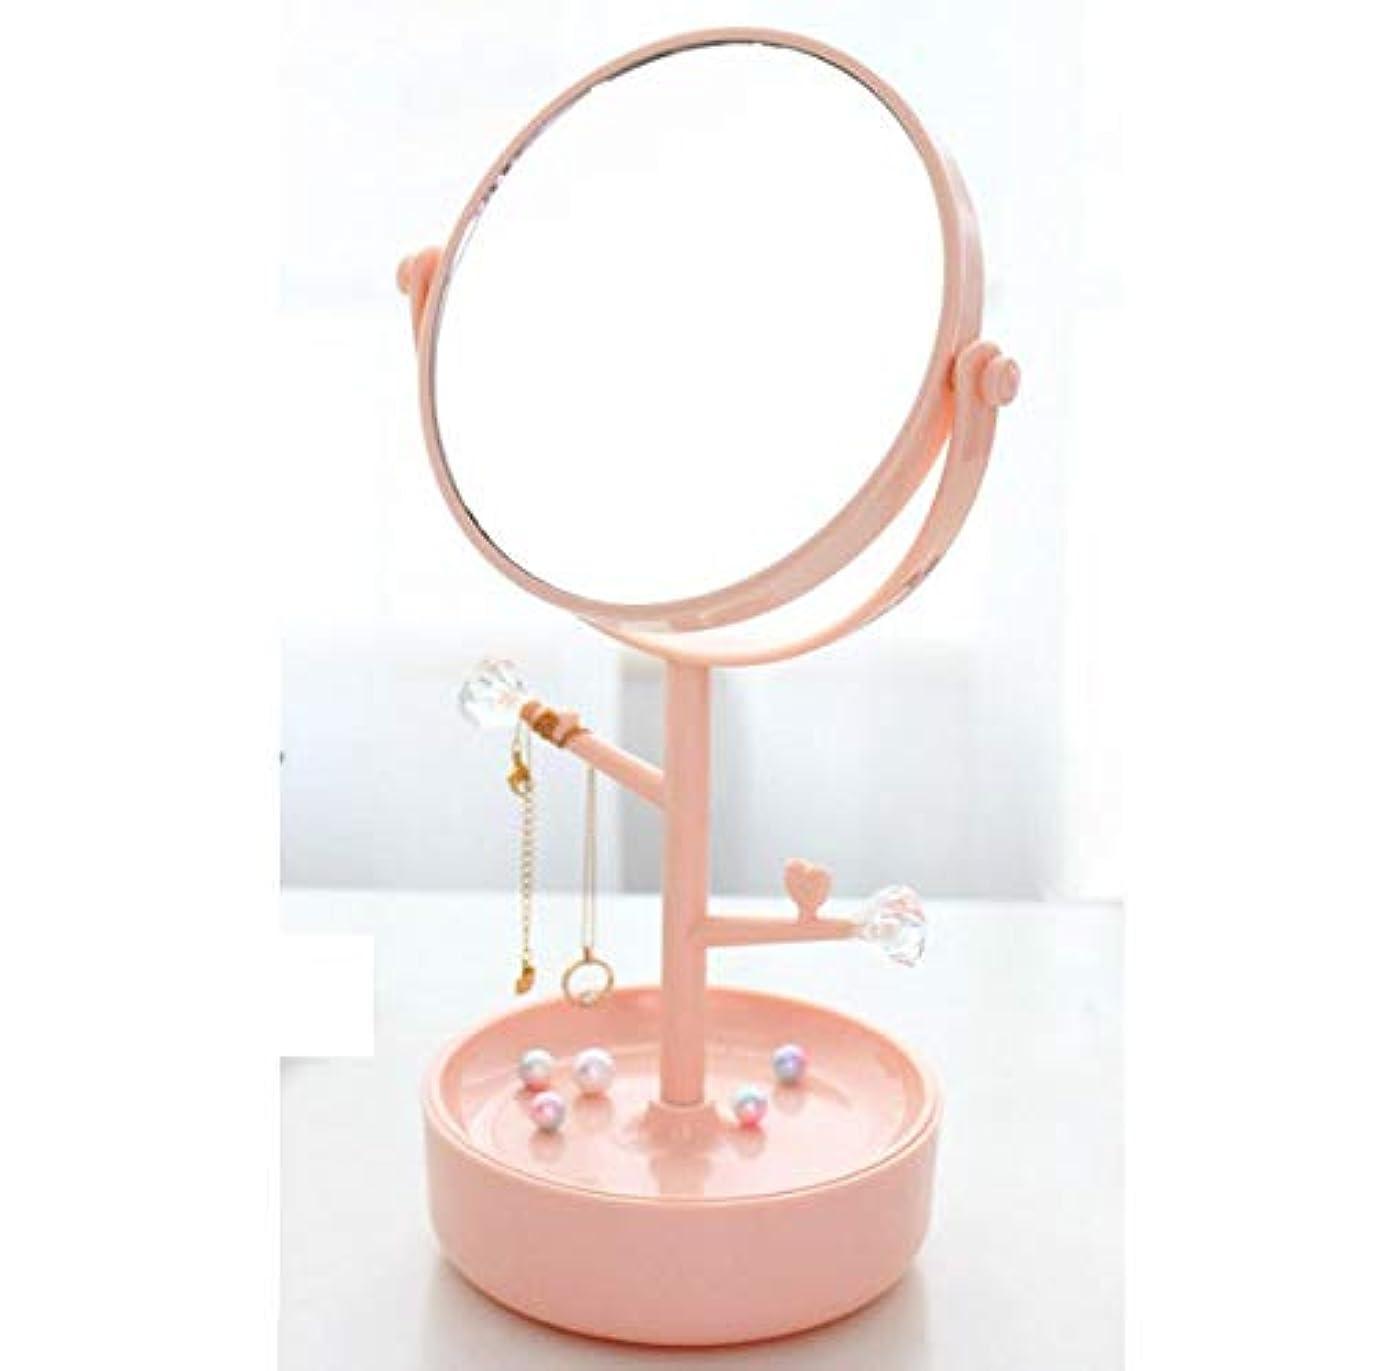 彼自身累積朝化粧鏡、ピンク多機能収納両面化粧鏡化粧ギフト